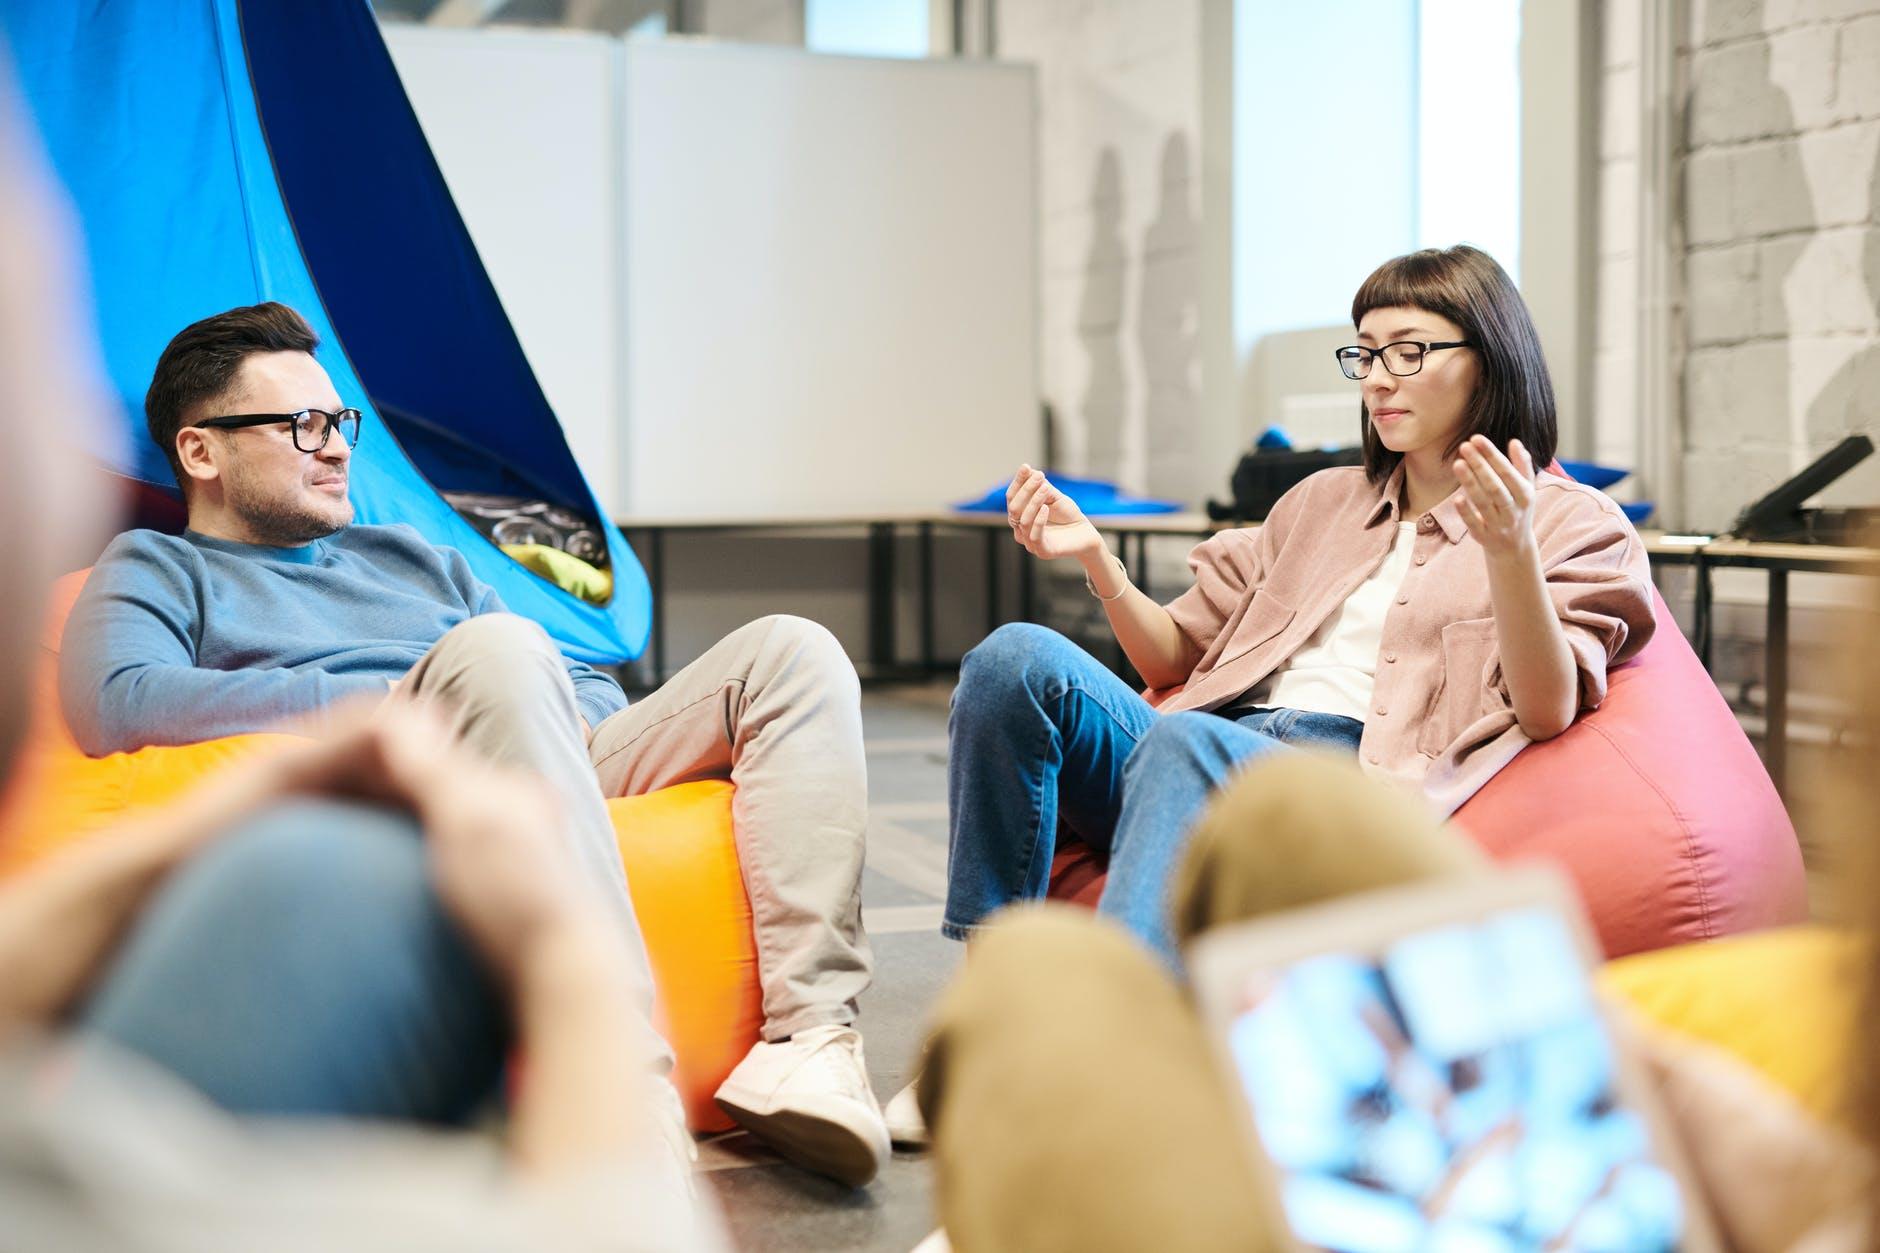 Mann und Frau im Sitzsack unterhalten sich